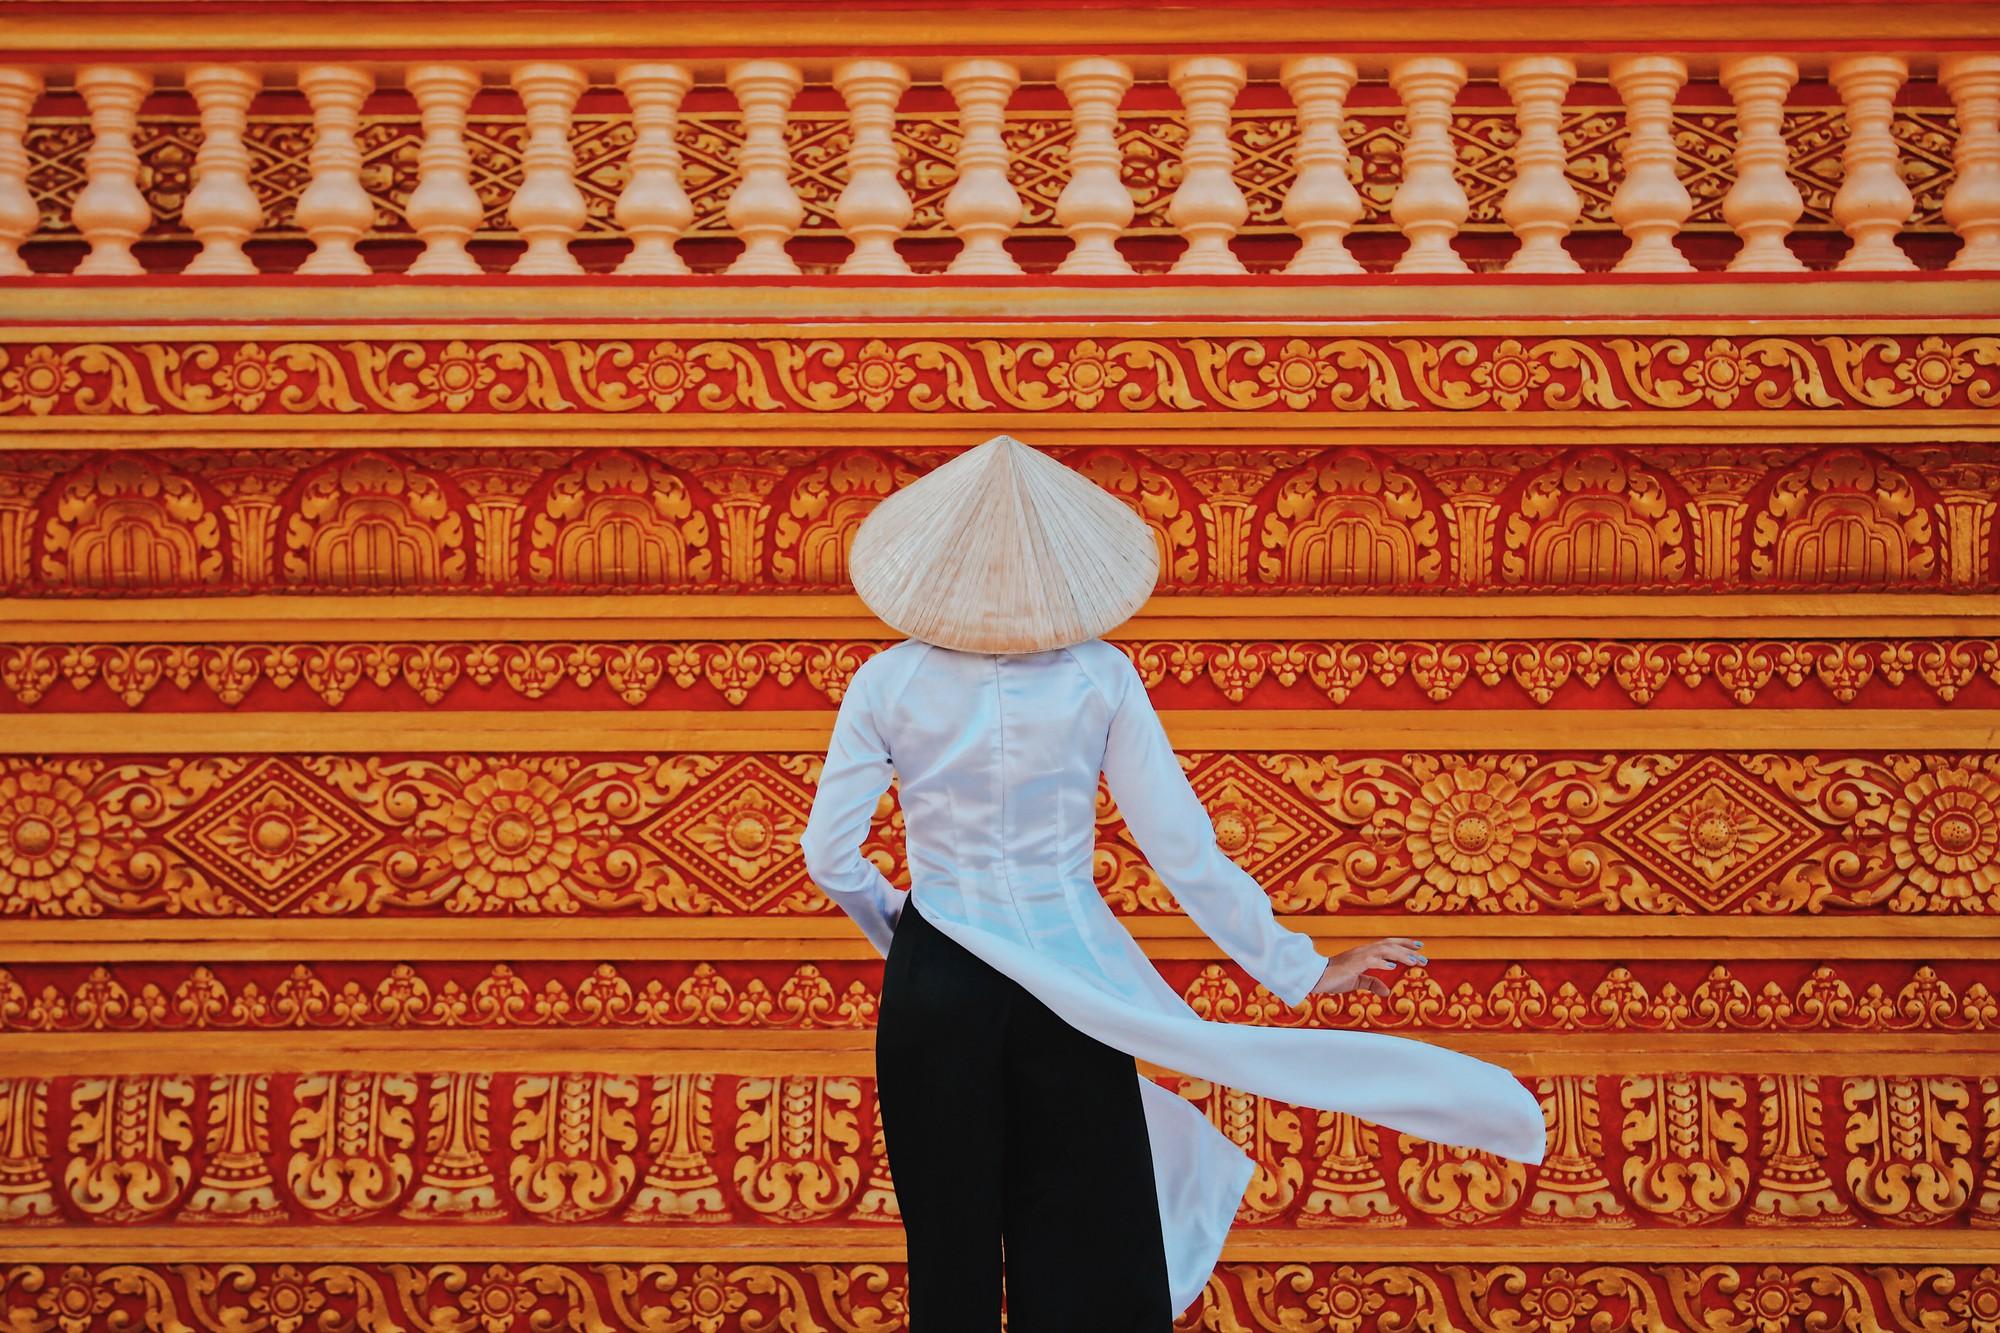 Combo aó dài - nón lá trông cực kì nổi bật khi đặt vào background của ngôi chùa này.